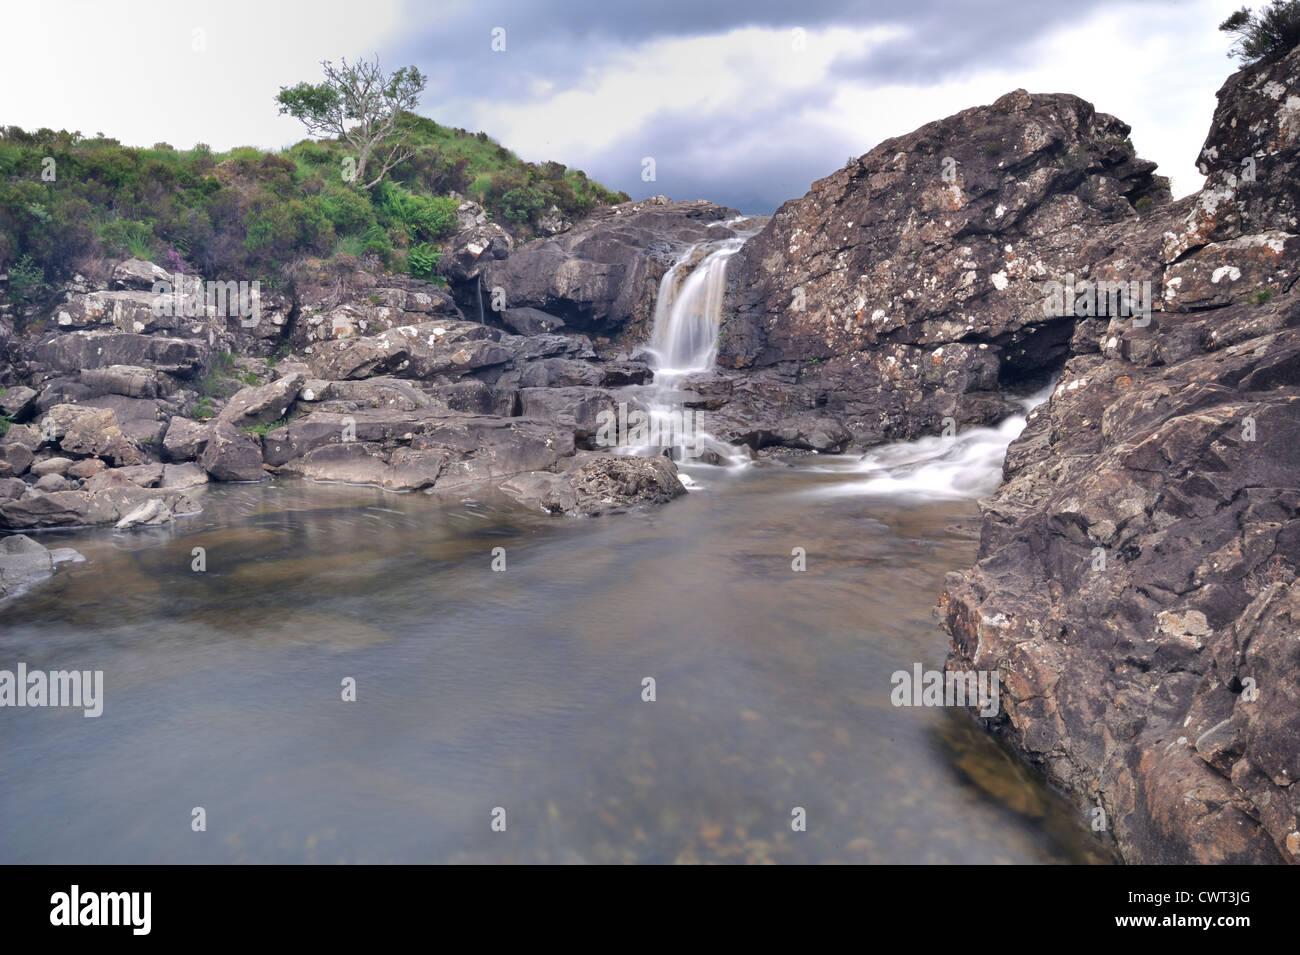 Schnell fließenden Fluss hautnah mit Wasserfall im Hintergrund Stockbild